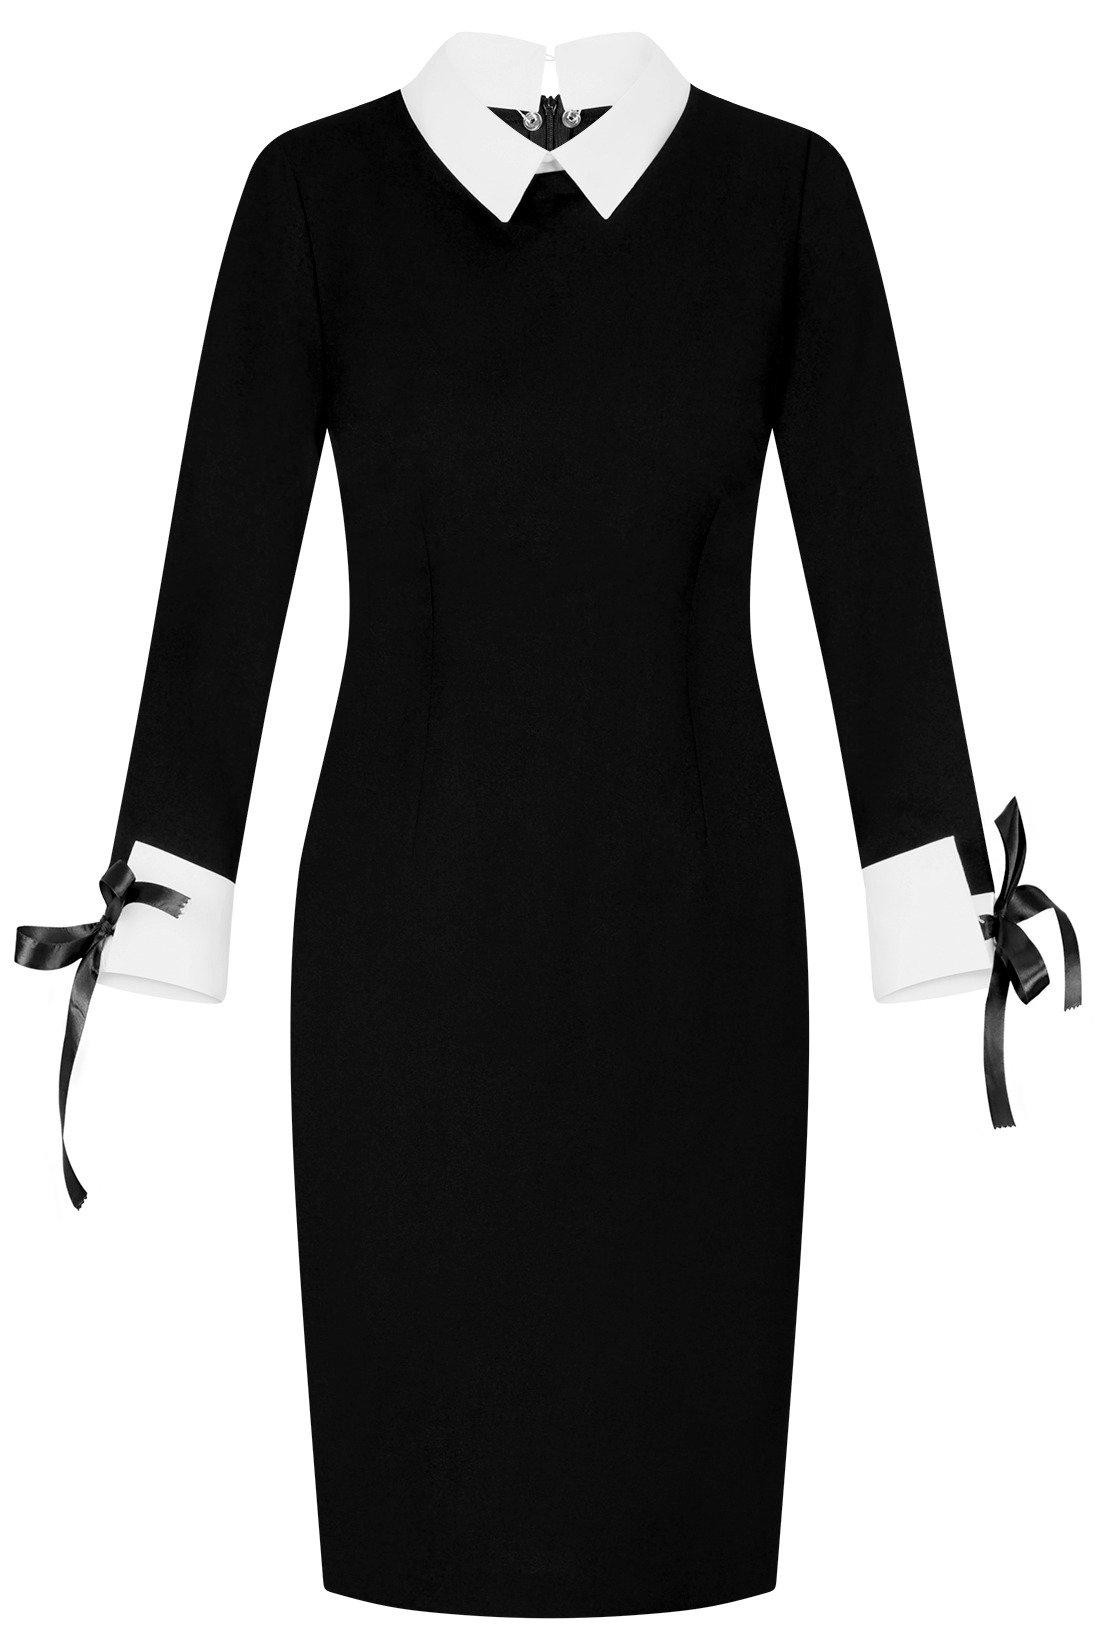 7ecc94c25e Sukienka Kama IV czarna z białymi mankietami i kołnierzykiem Kliknij